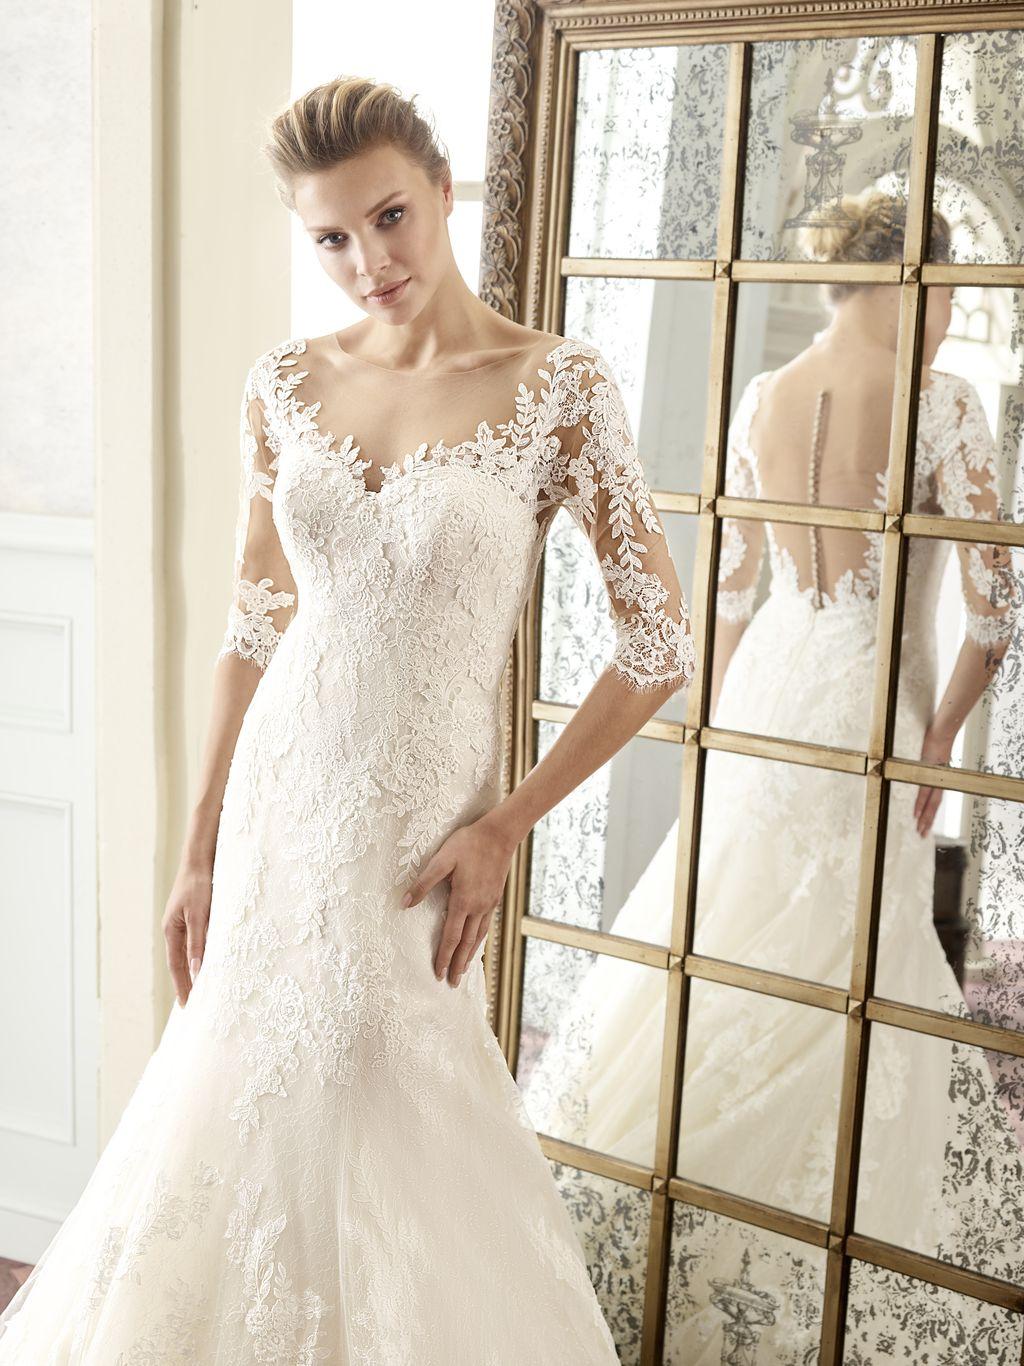 830c32a29d Menyasszonyi ruha - Brill esküvőiruha szalon Debrecen